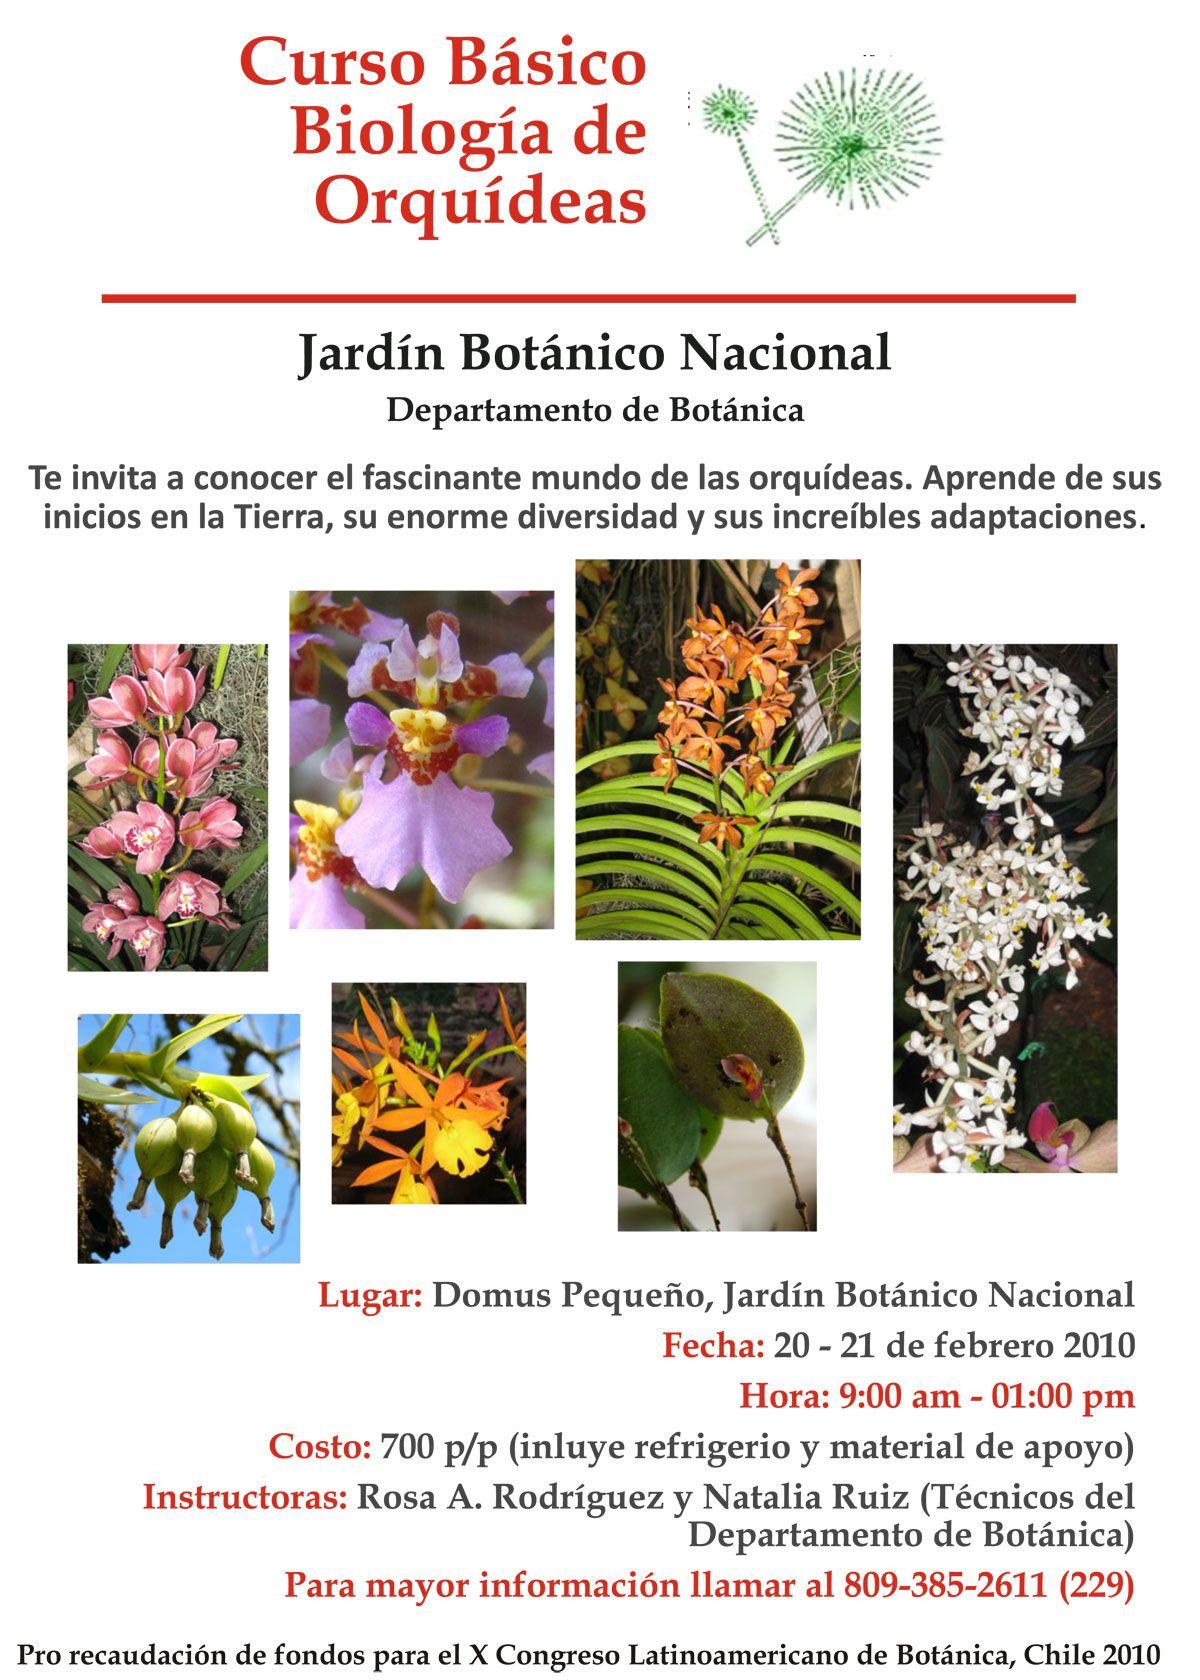 Curso de biología básica de Orquídeas